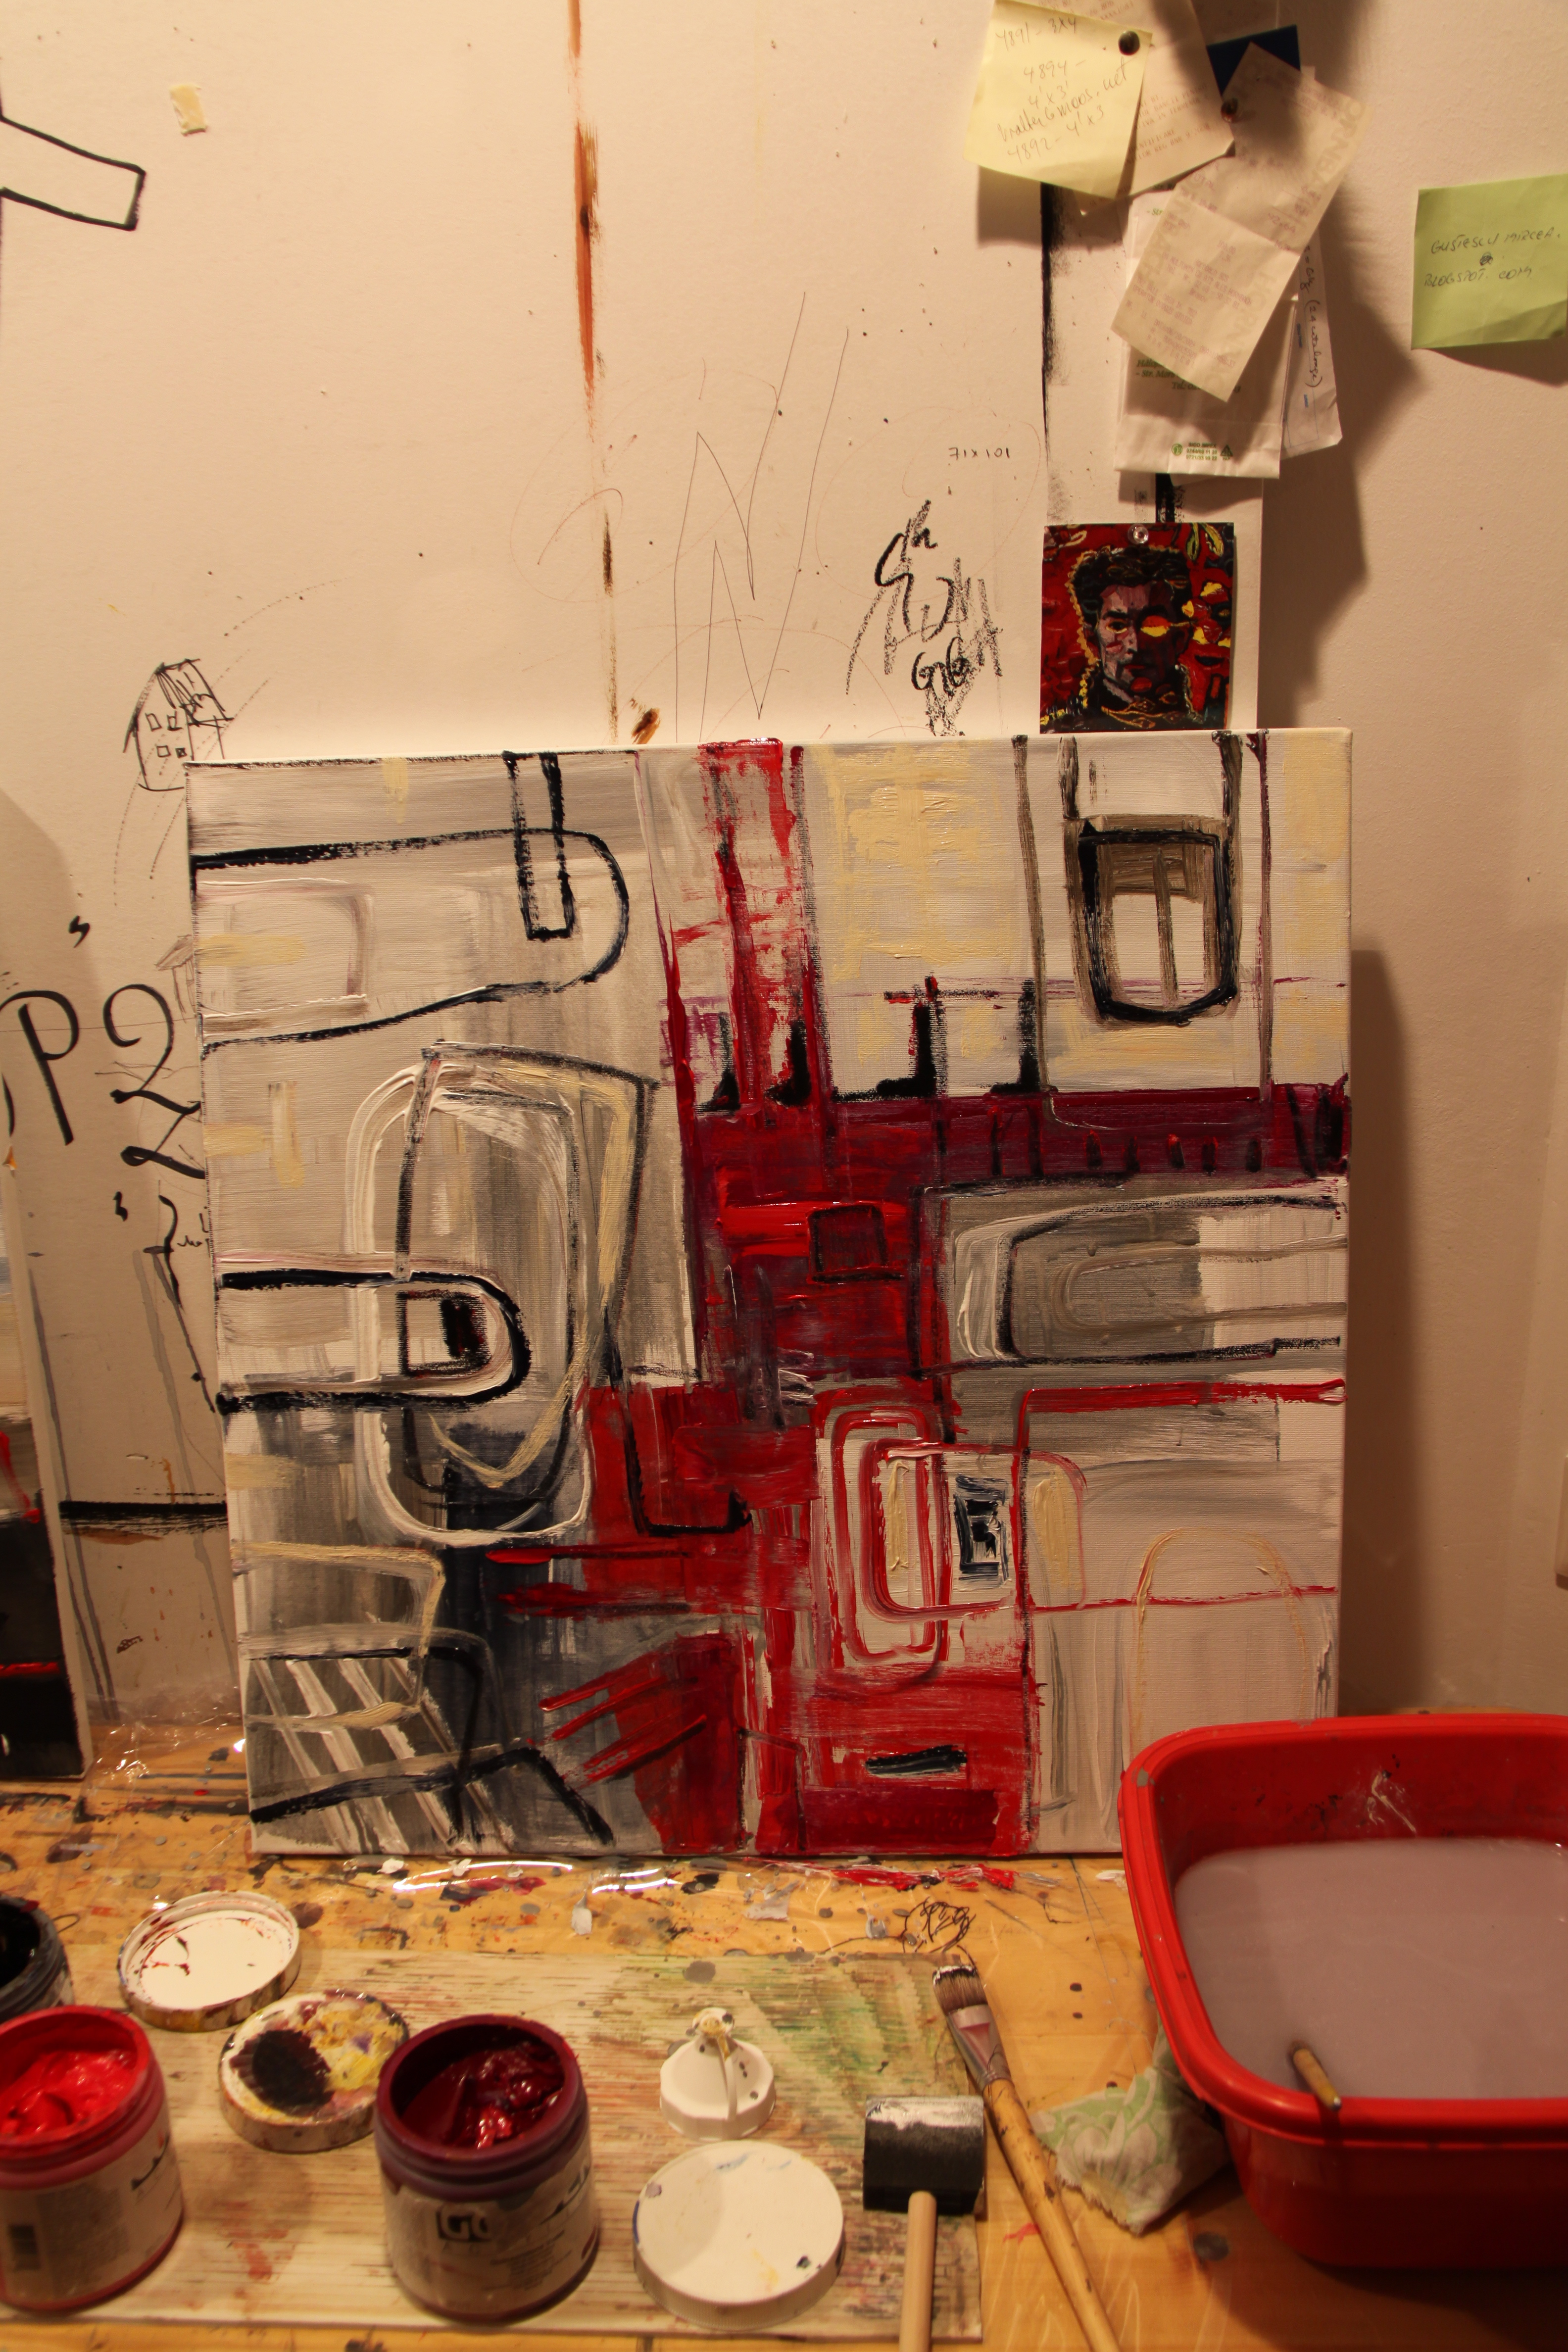 teodora pica - atelier brasov _0121